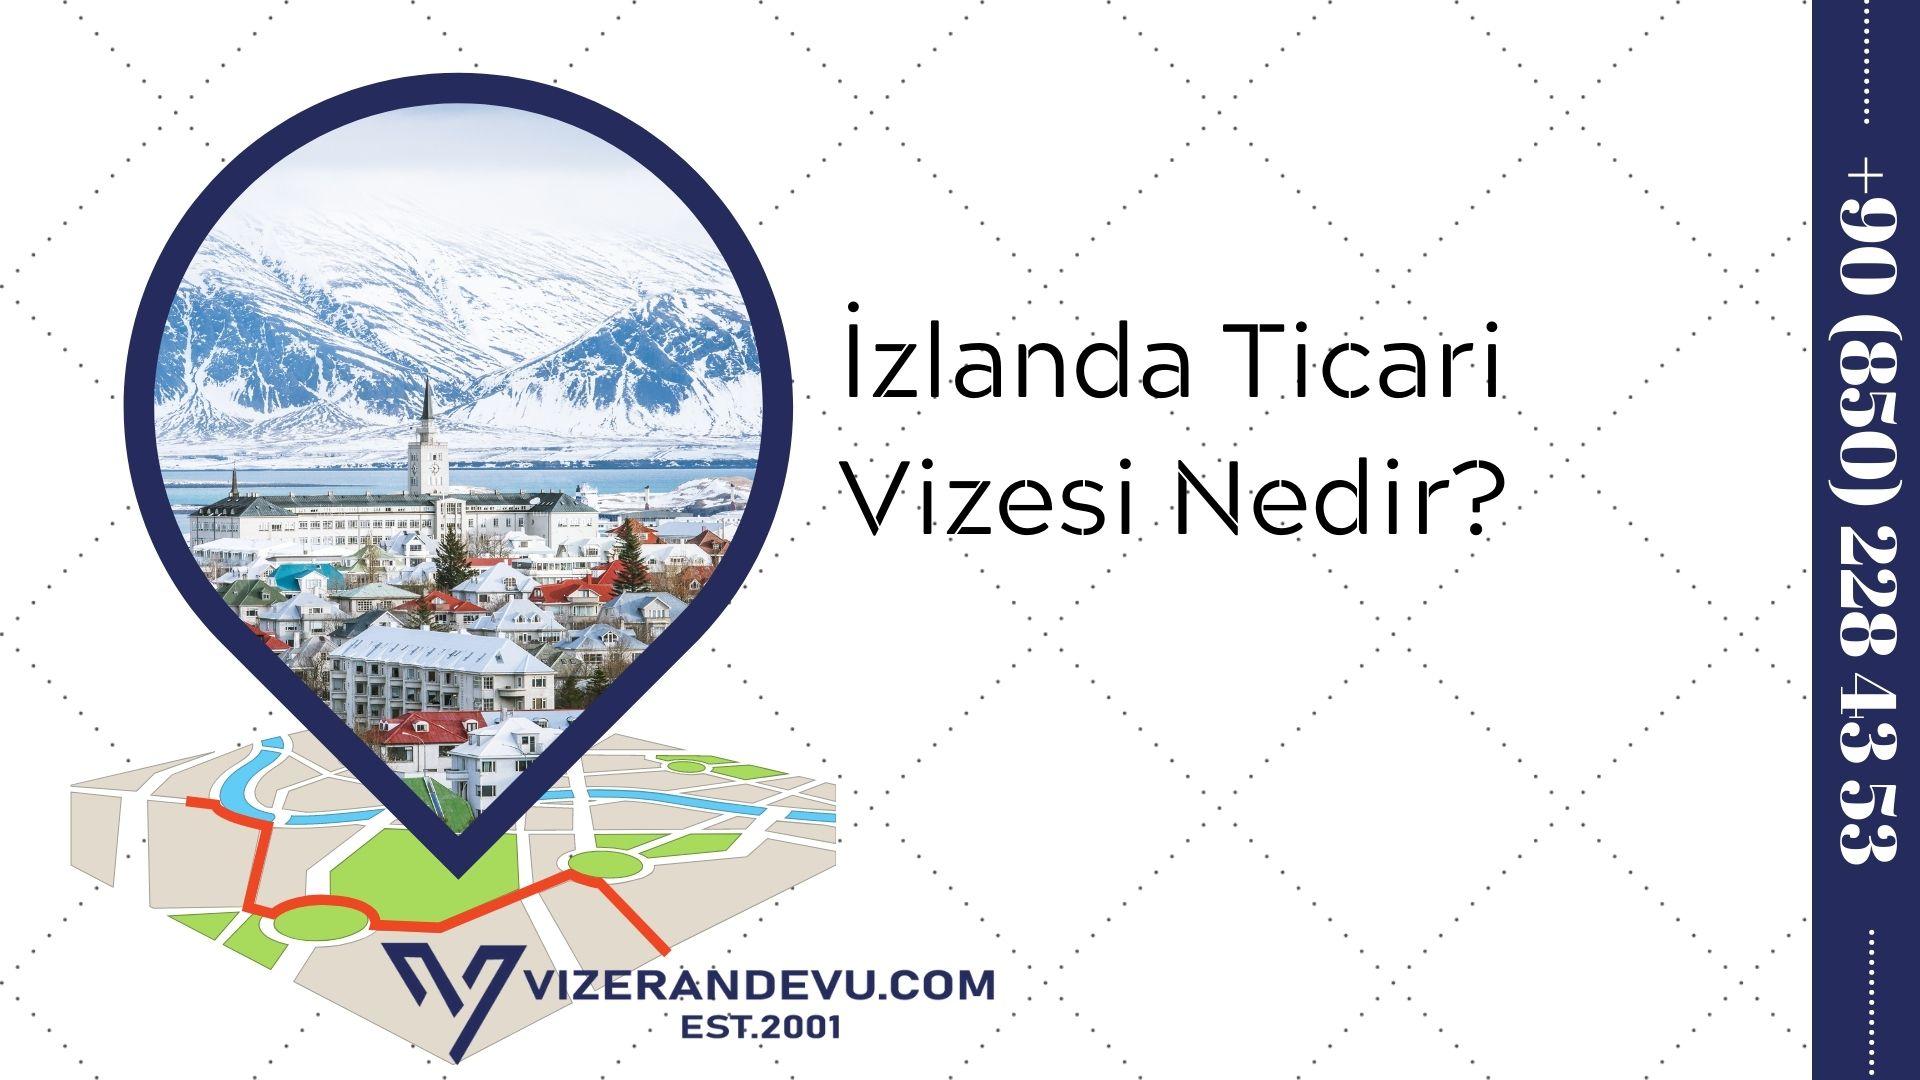 İzlanda Ticari Vizesi Nedir?